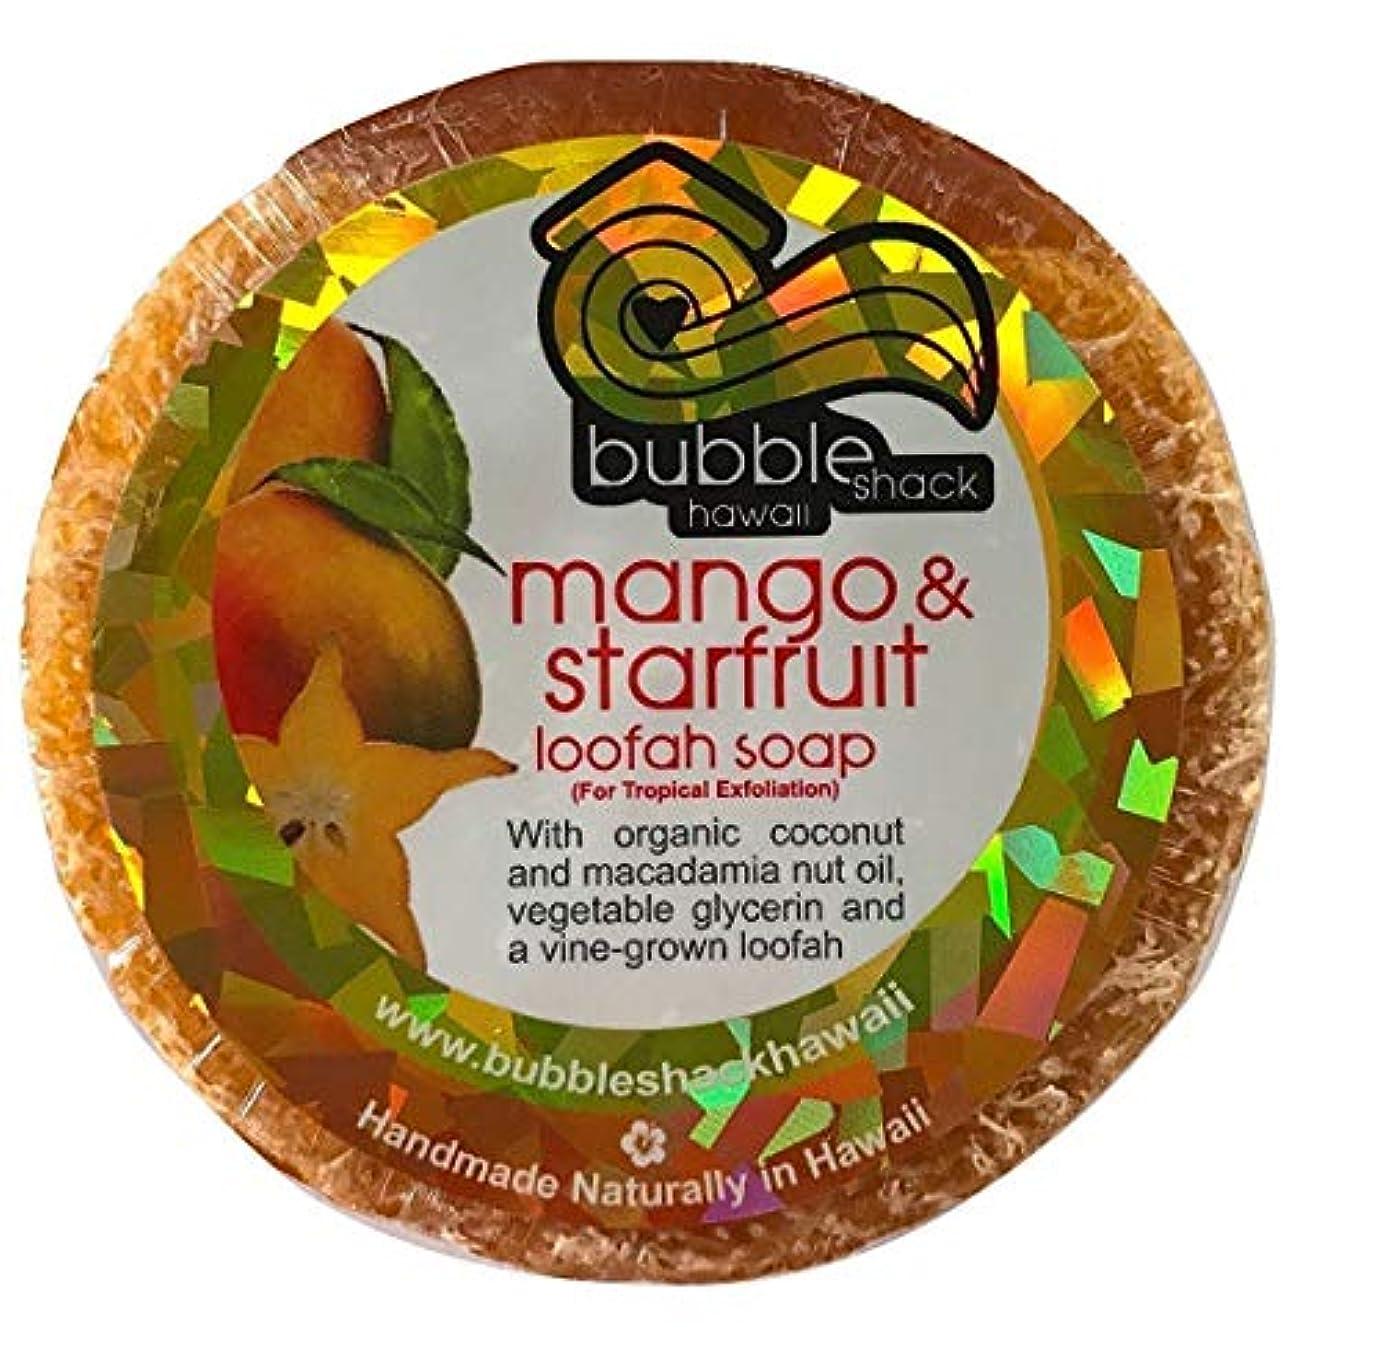 魚指令ファイルハワイアン雑貨/ハワイ 雑貨【バブルシャック】Bubble Shack Hawaii ルーファーソープ(マンゴ&スターフルーツ) 【お土産】